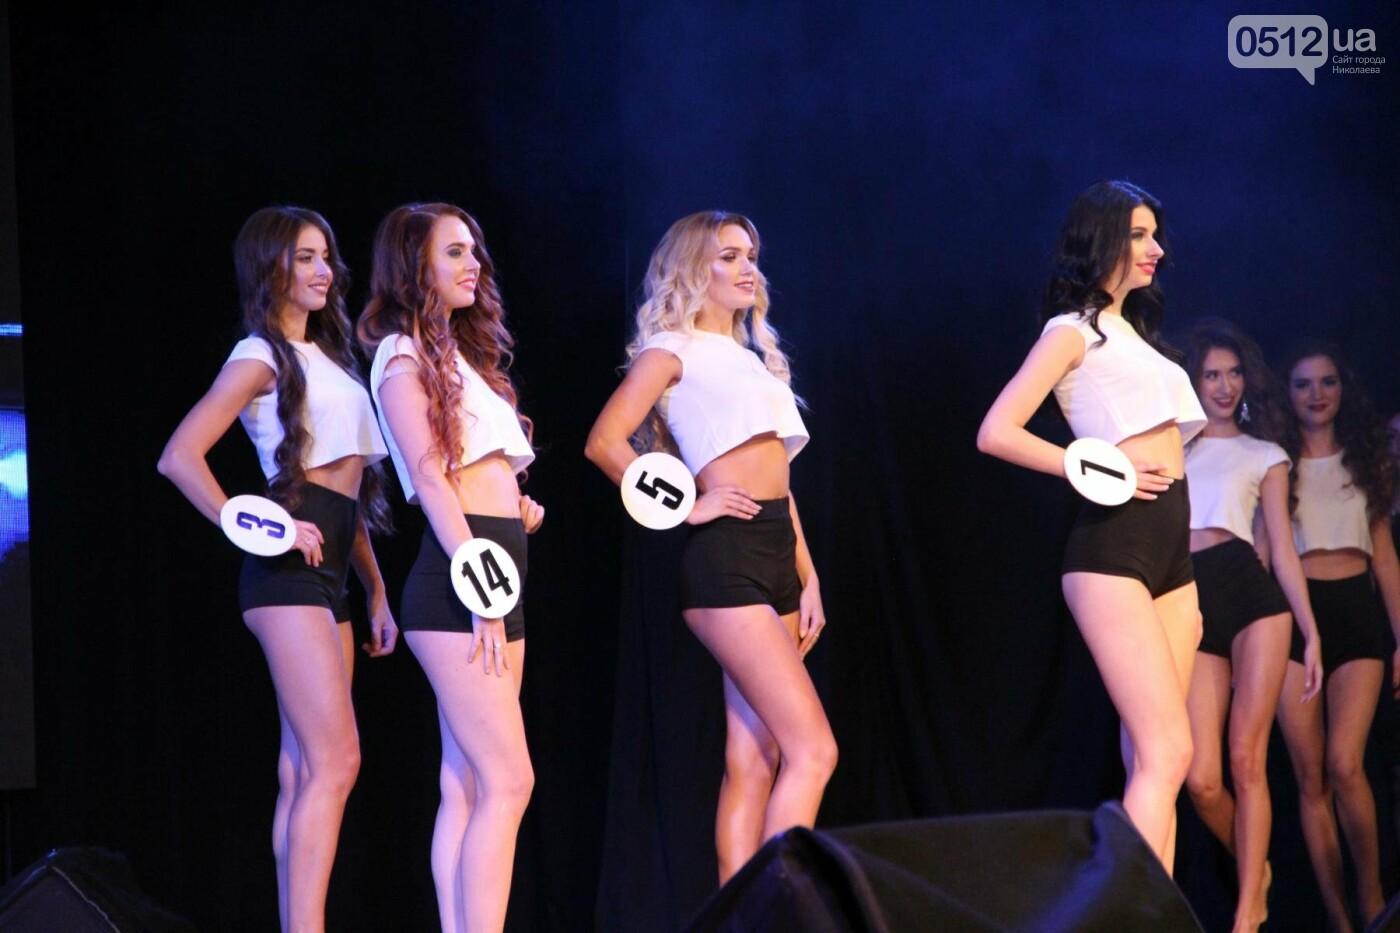 В Николаеве на конкурсе «Miss Top model Ukraine» выбрали самую красивую модель в Украине, - ФОТО, фото-25